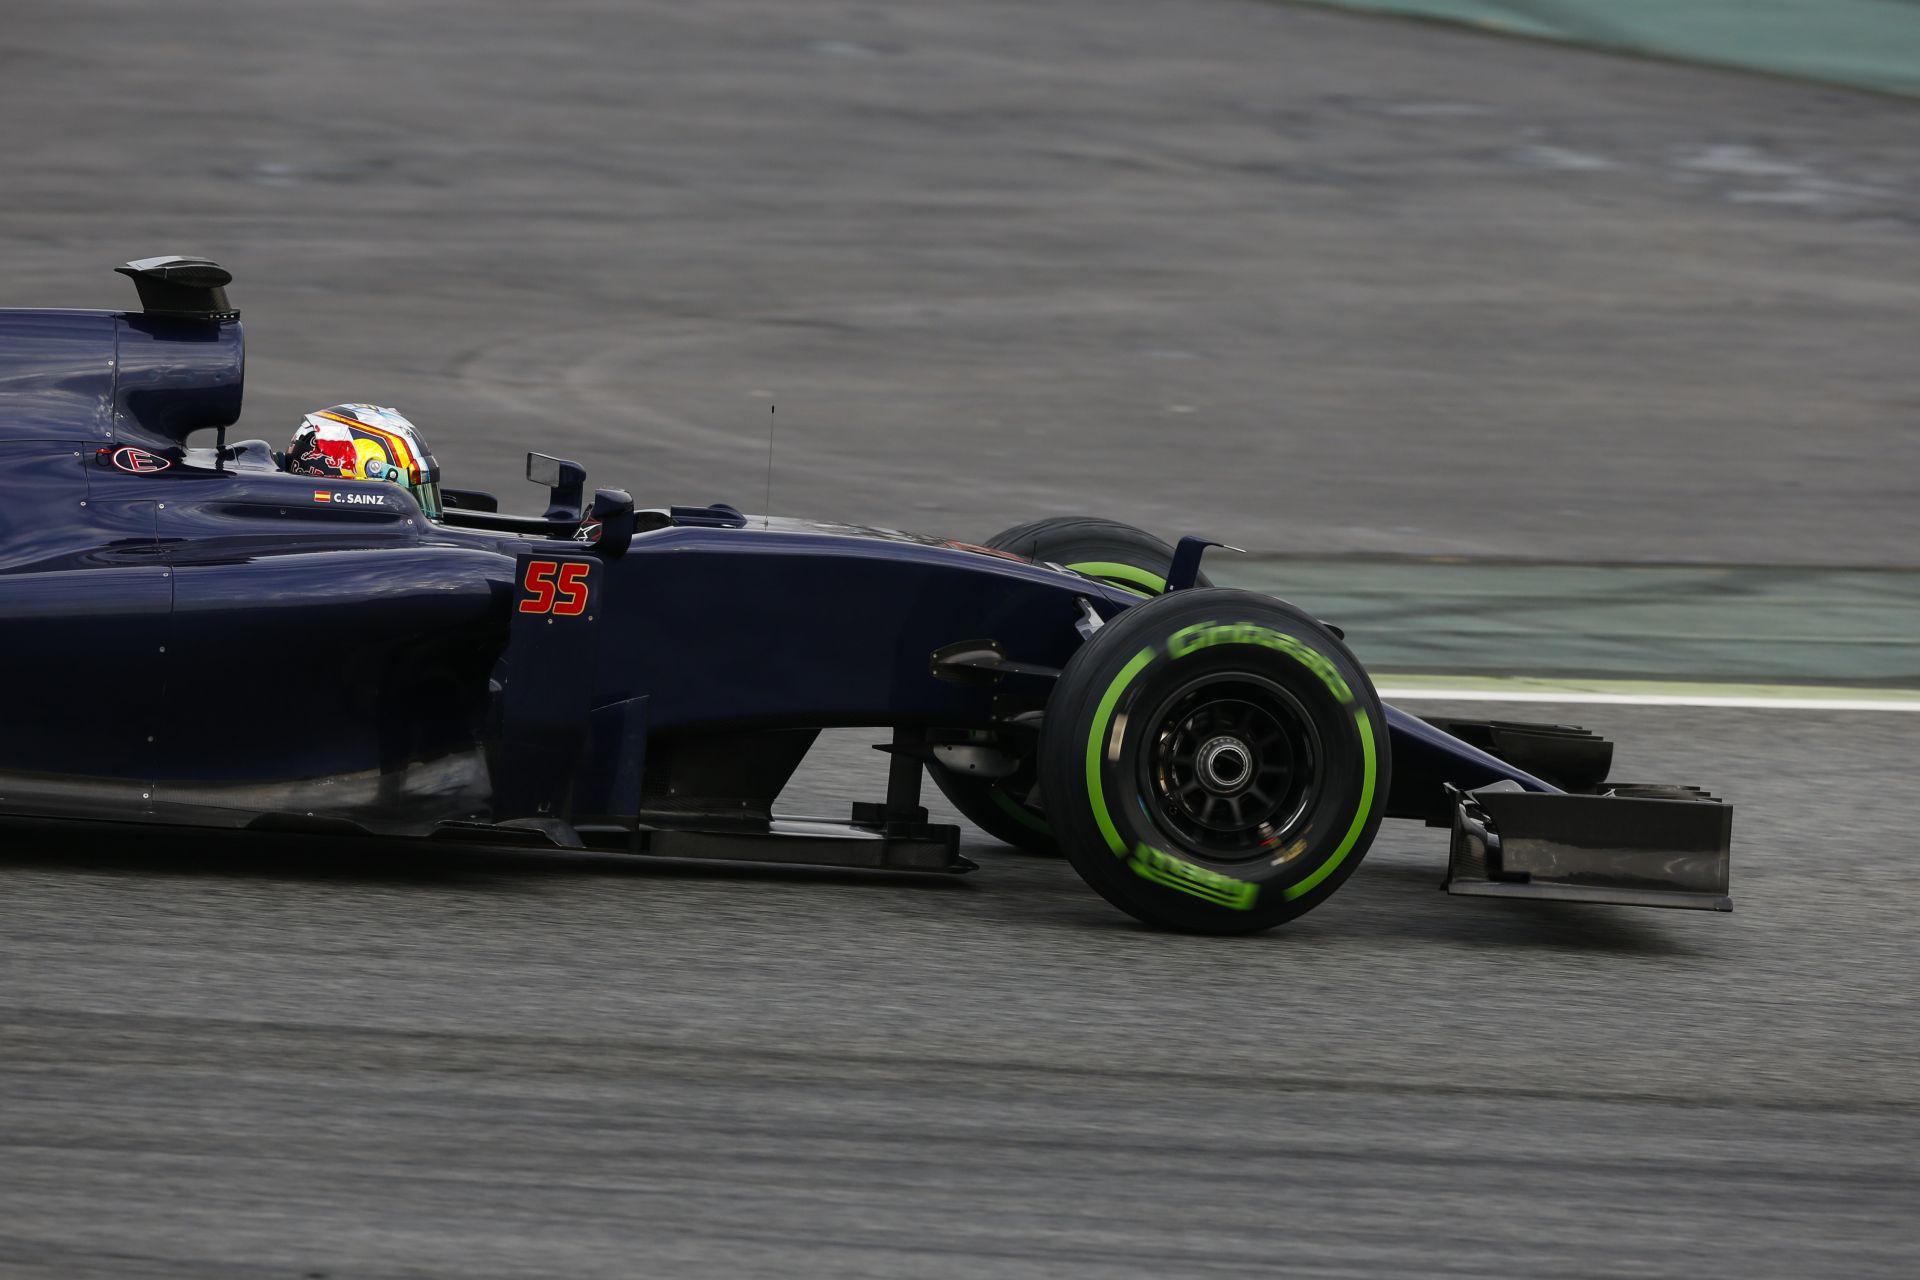 A Toro Rosso ma a váltóval szenvedett - amúgy biztató a kezdés!